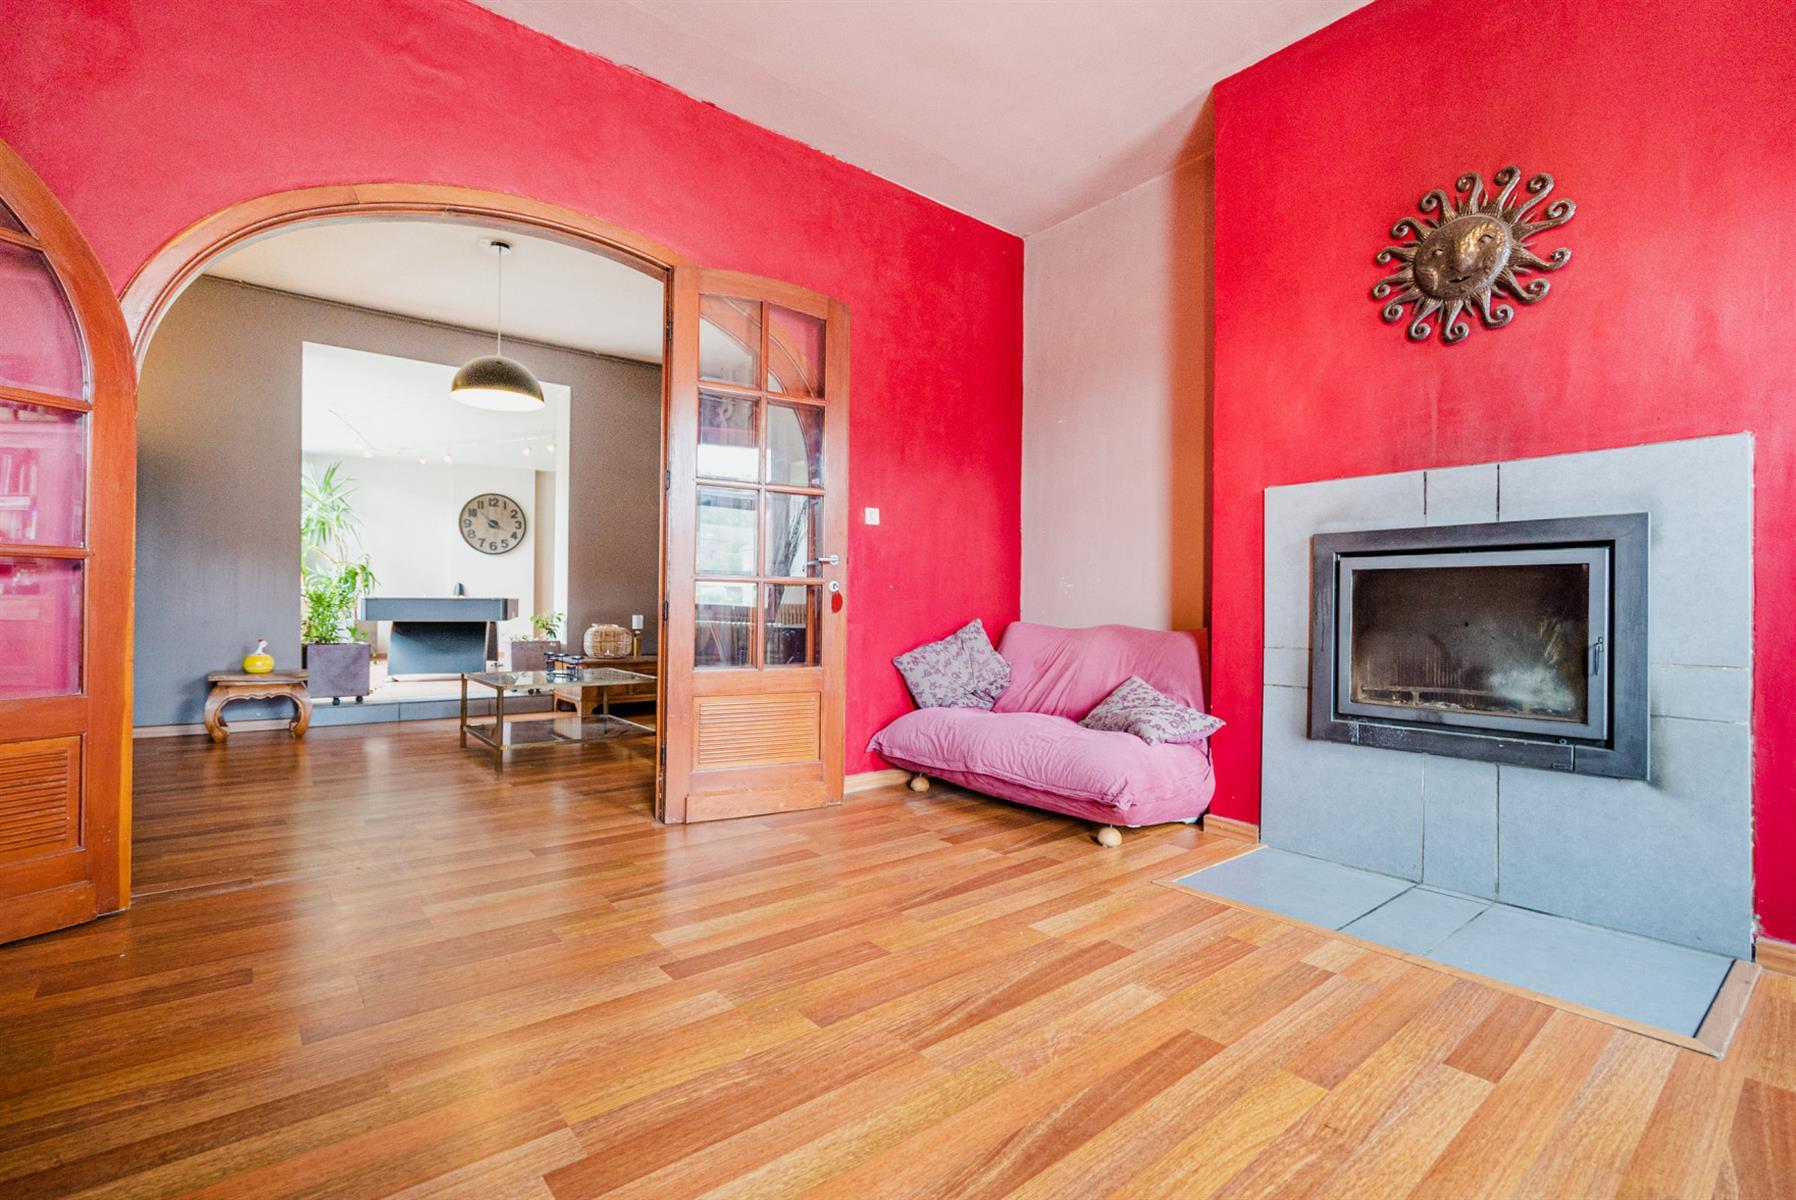 Maison - Lincent - #4407707-4